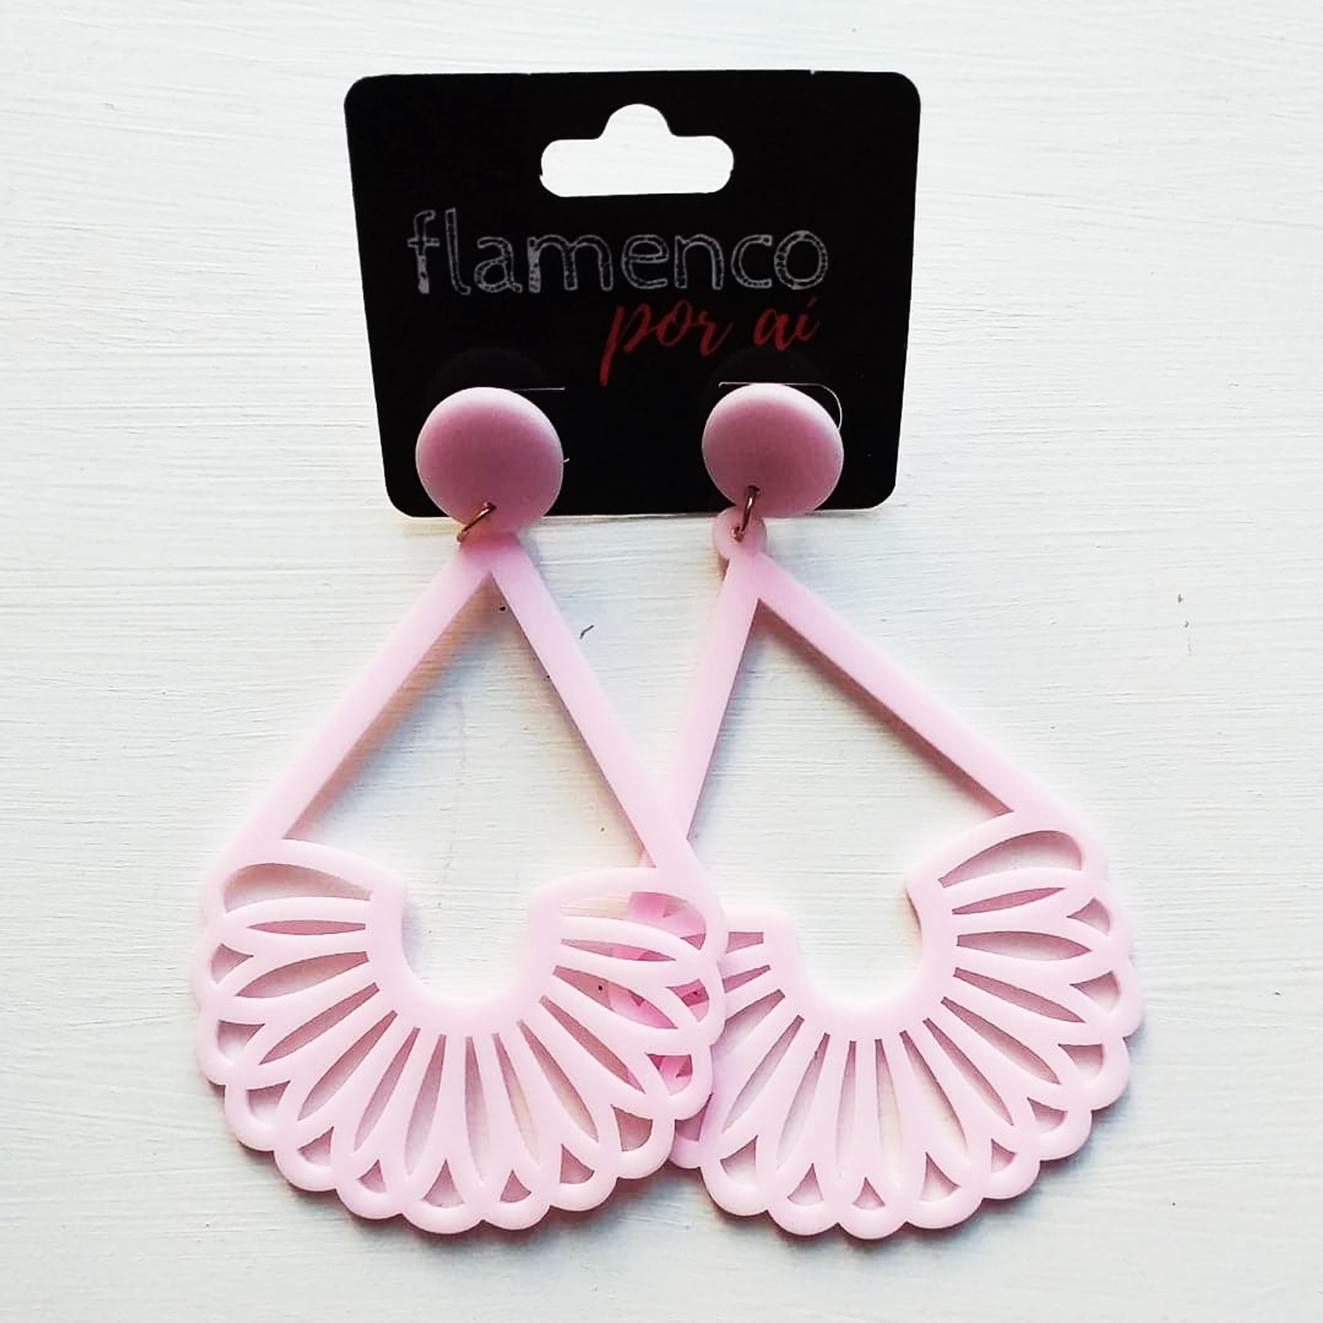 BRINCO flamenco acrílico leve várias cores 4,5x8cm